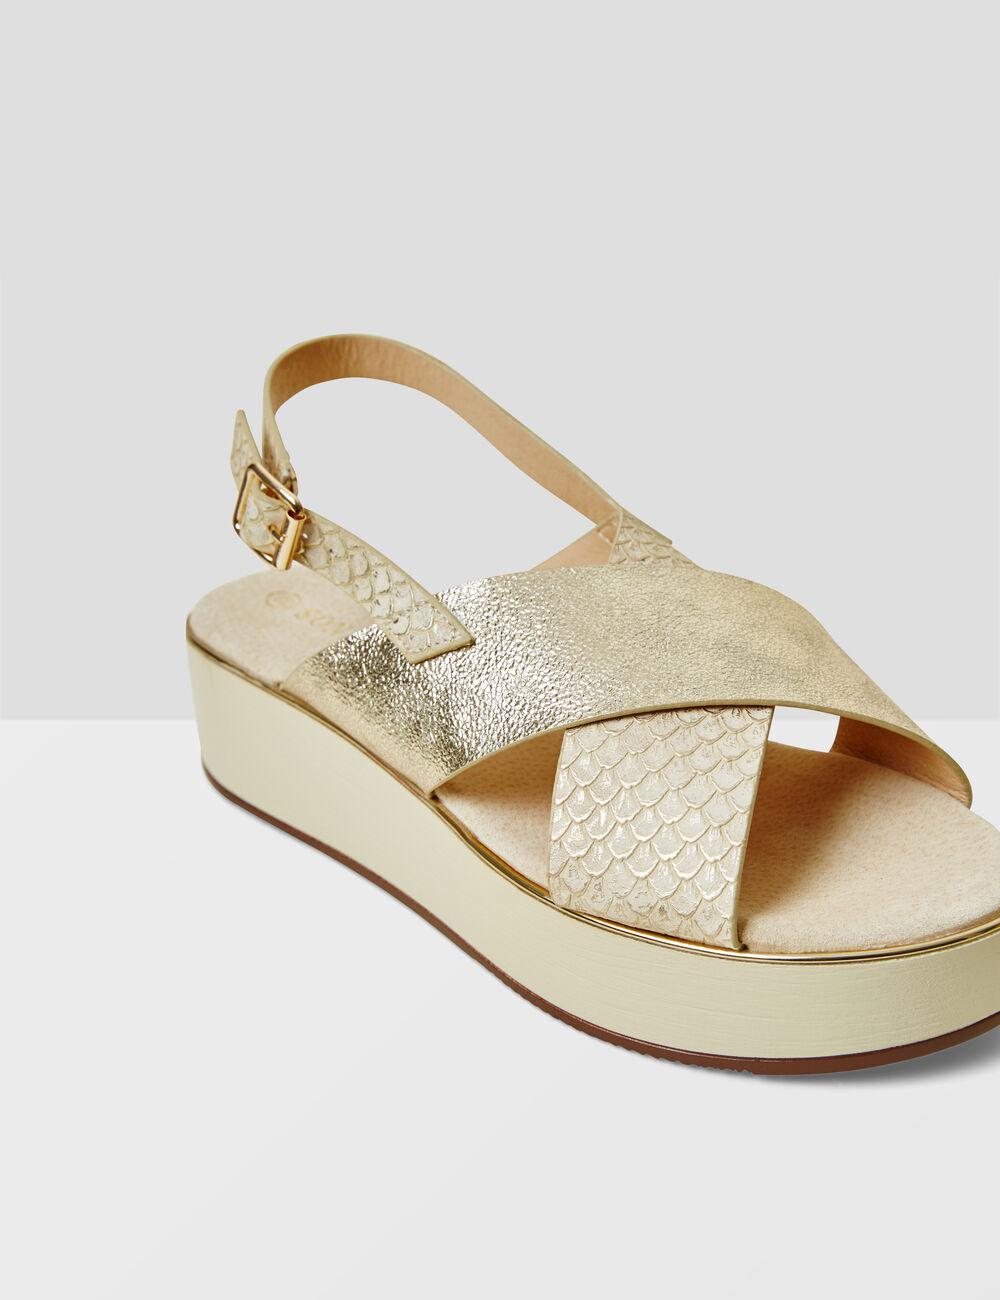 sandales compens es dor es femme jennyfer. Black Bedroom Furniture Sets. Home Design Ideas